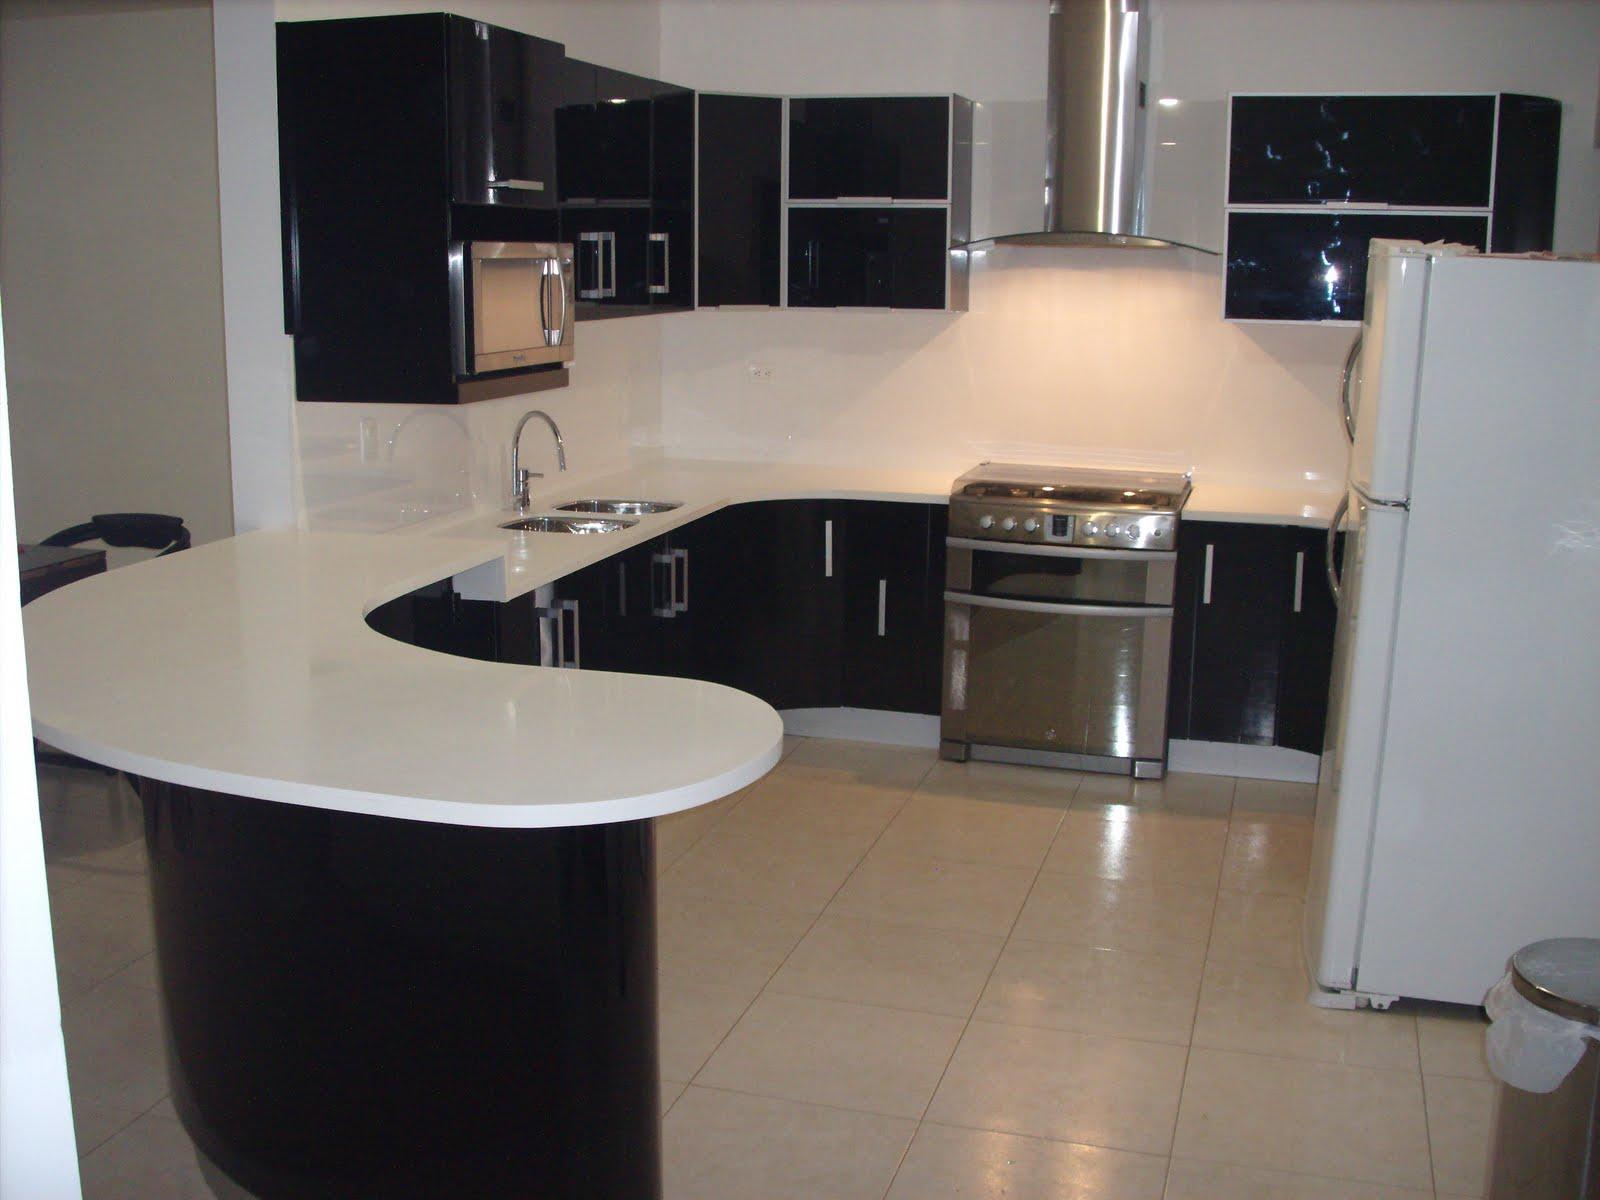 Heynez cocinas modernas cocina en negro con superficie s lida for Alacenas de cocina modernas